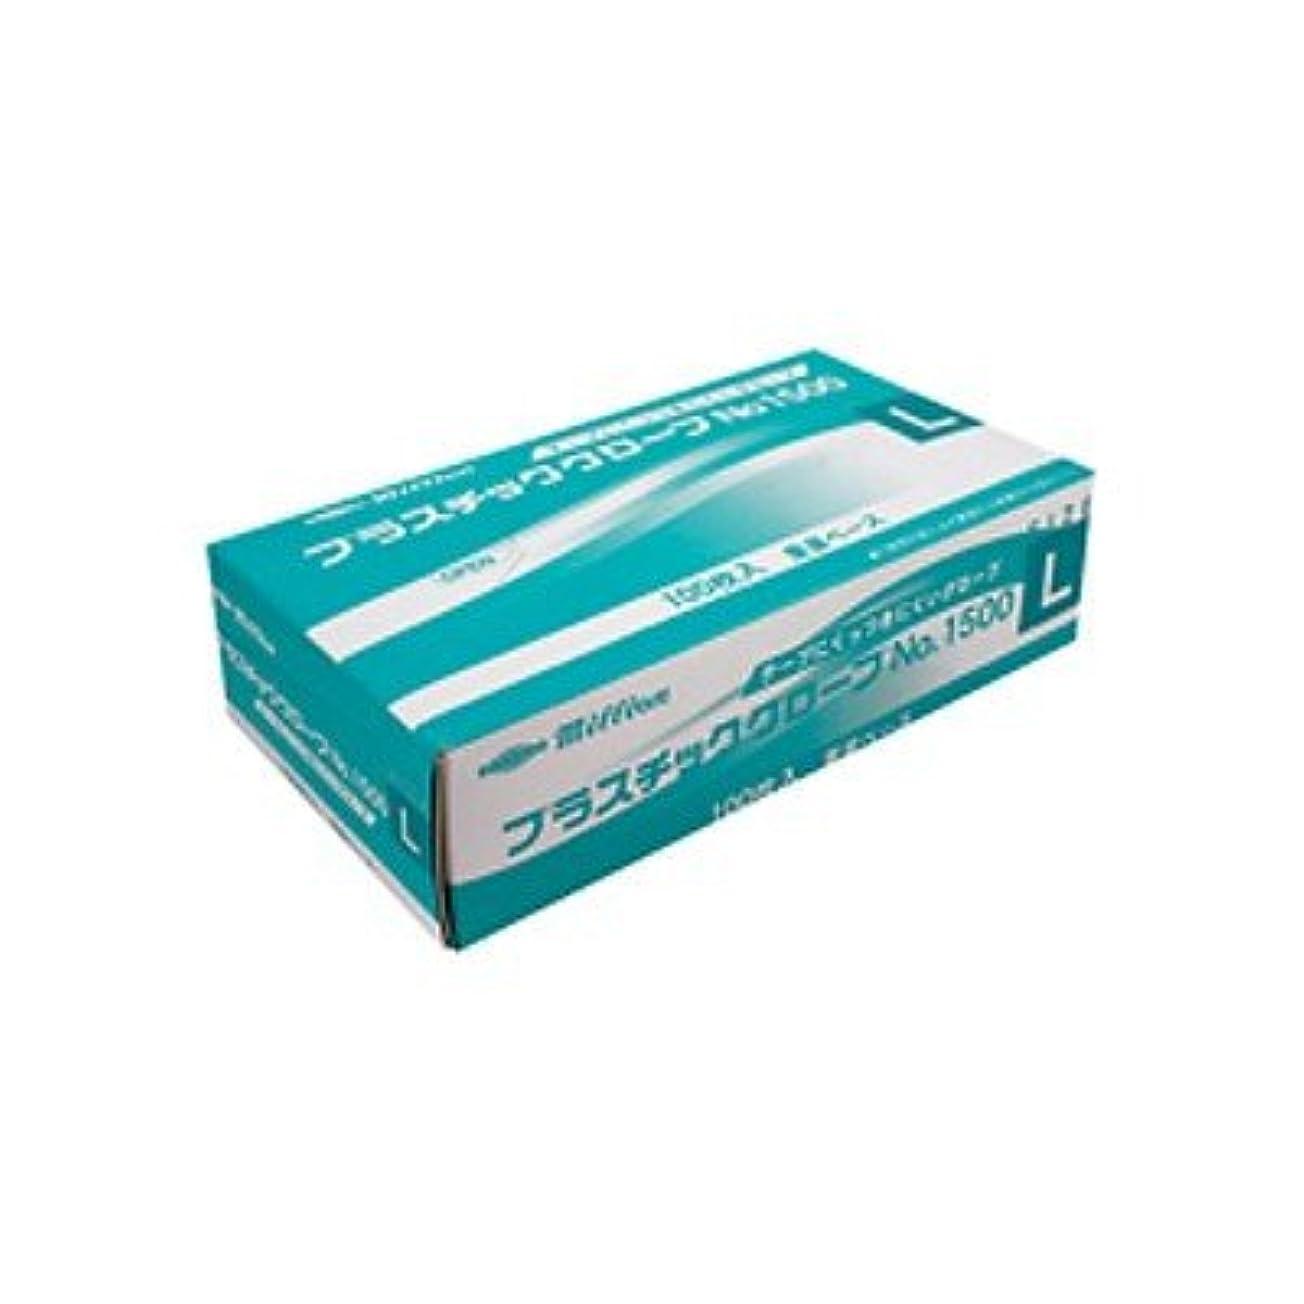 冷淡な転用限られたミリオン プラスチック手袋 粉付No.1500 L 品番:LH-1500-L 注文番号:62741569 メーカー:共和